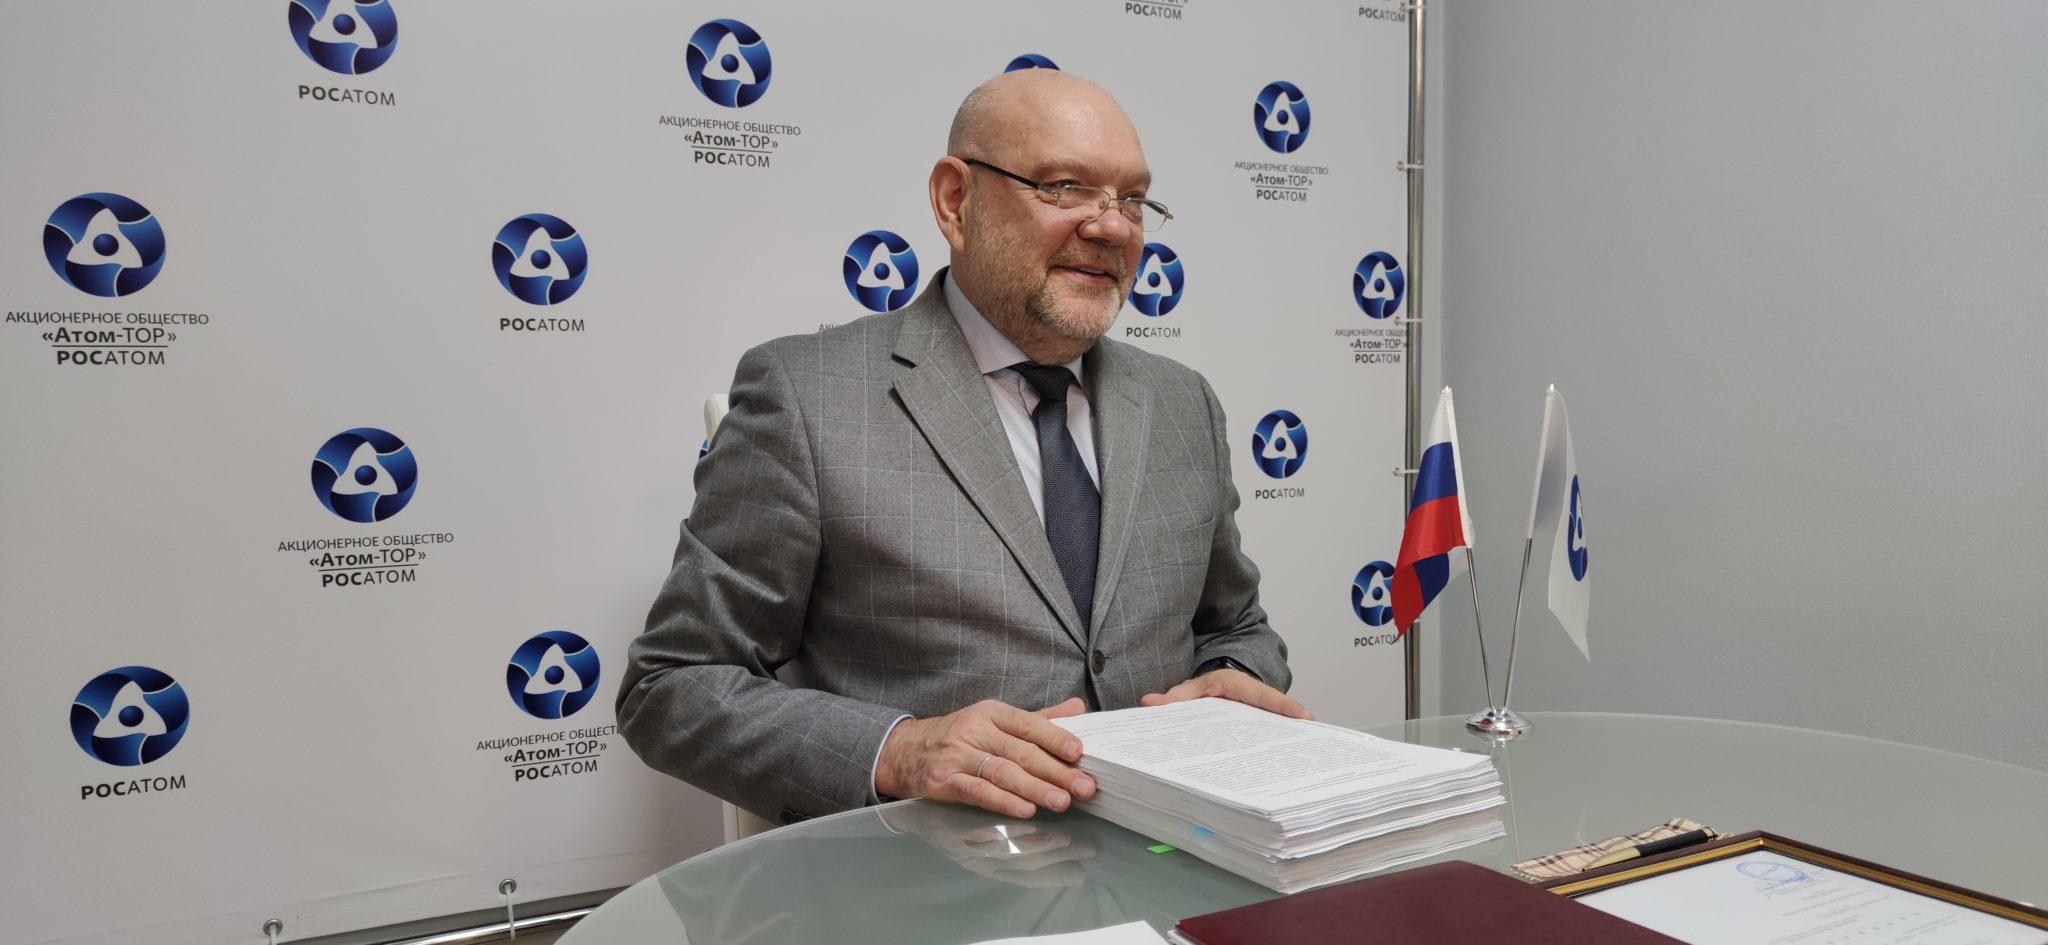 Новый резидент ТОСЭР «Новоуральск» внесет вклад в улучшение качества дорог